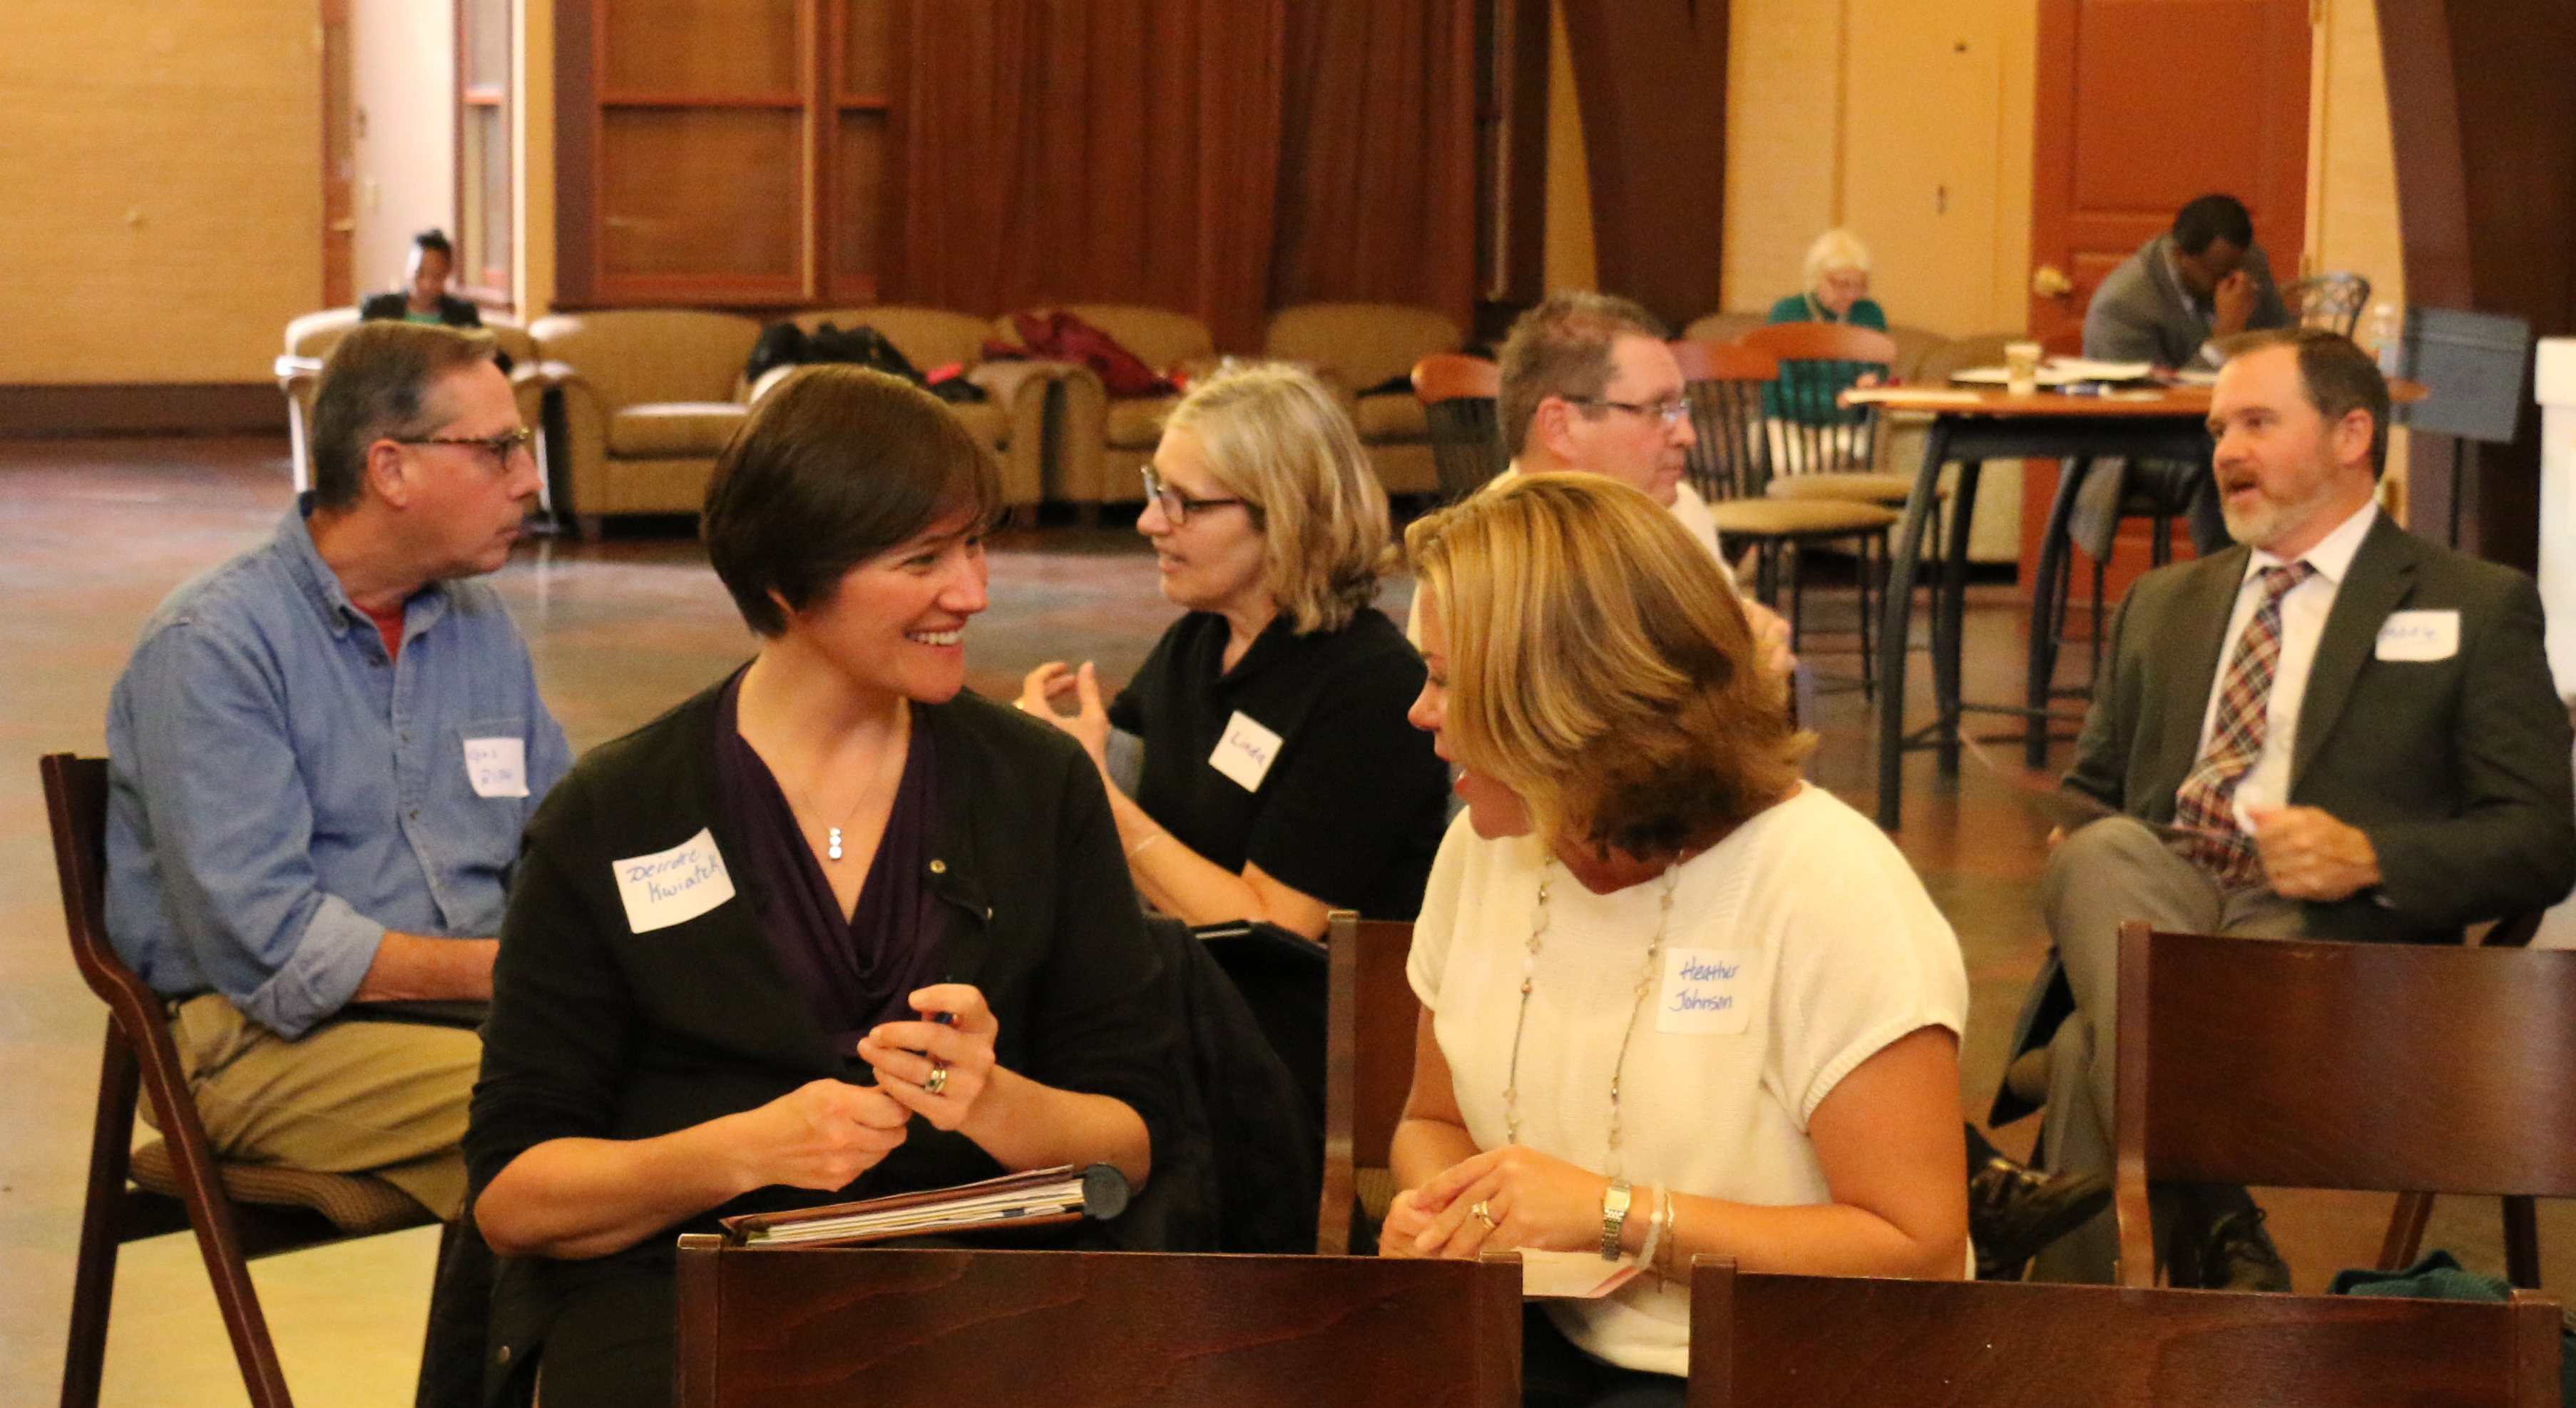 Employee Workshop Conversation